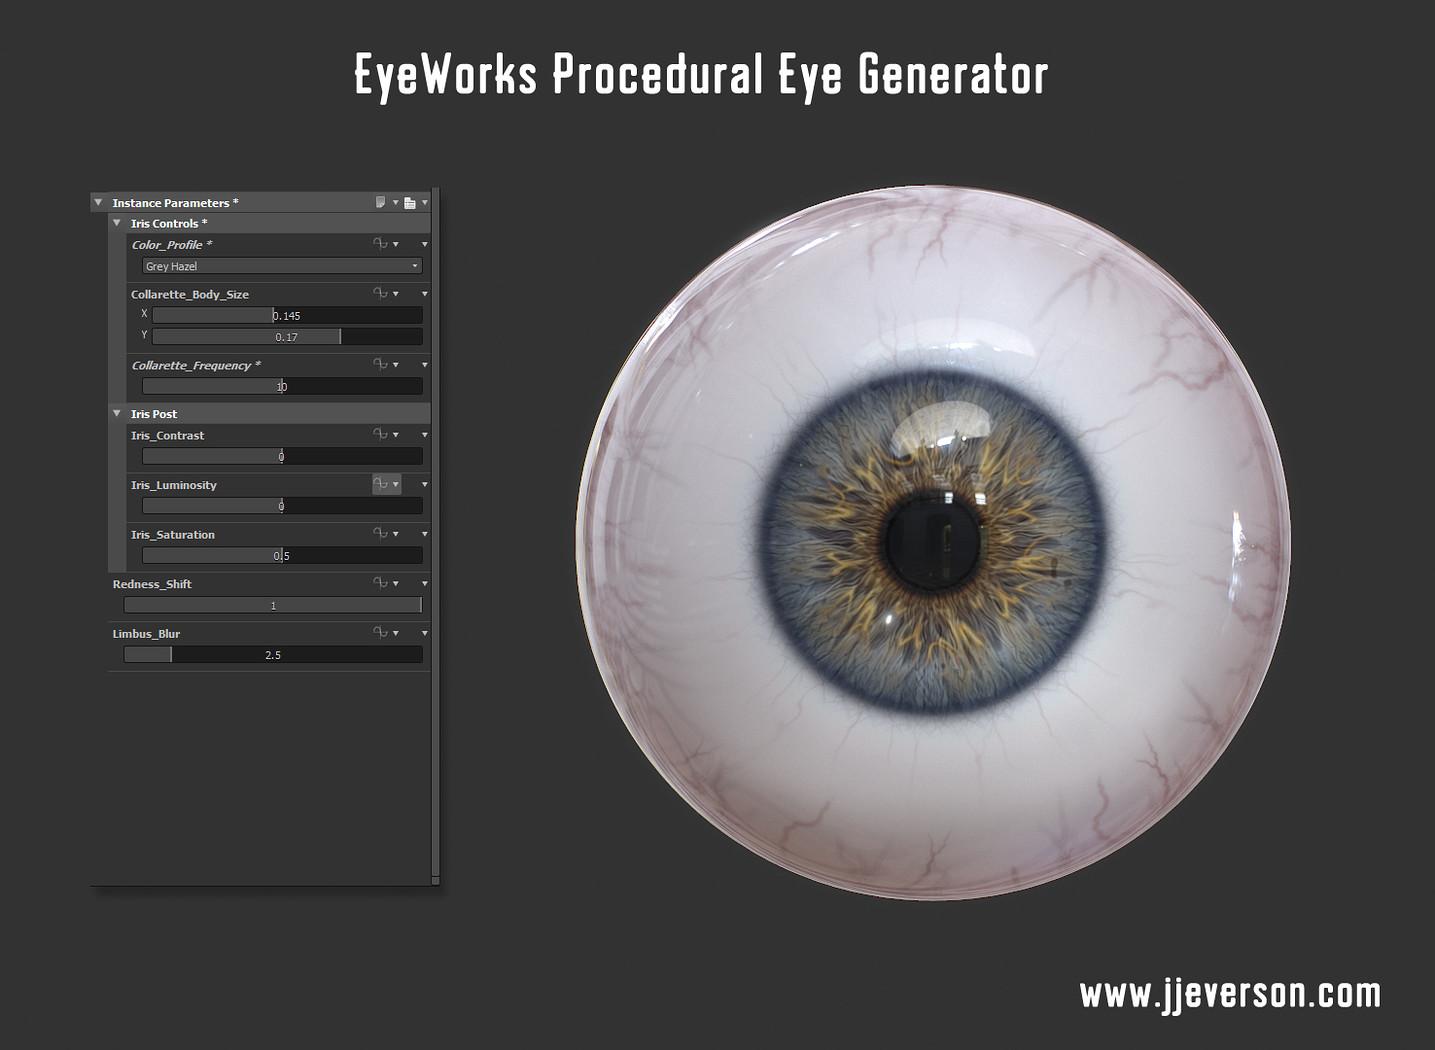 EyeWorks Procedural Eye Generator